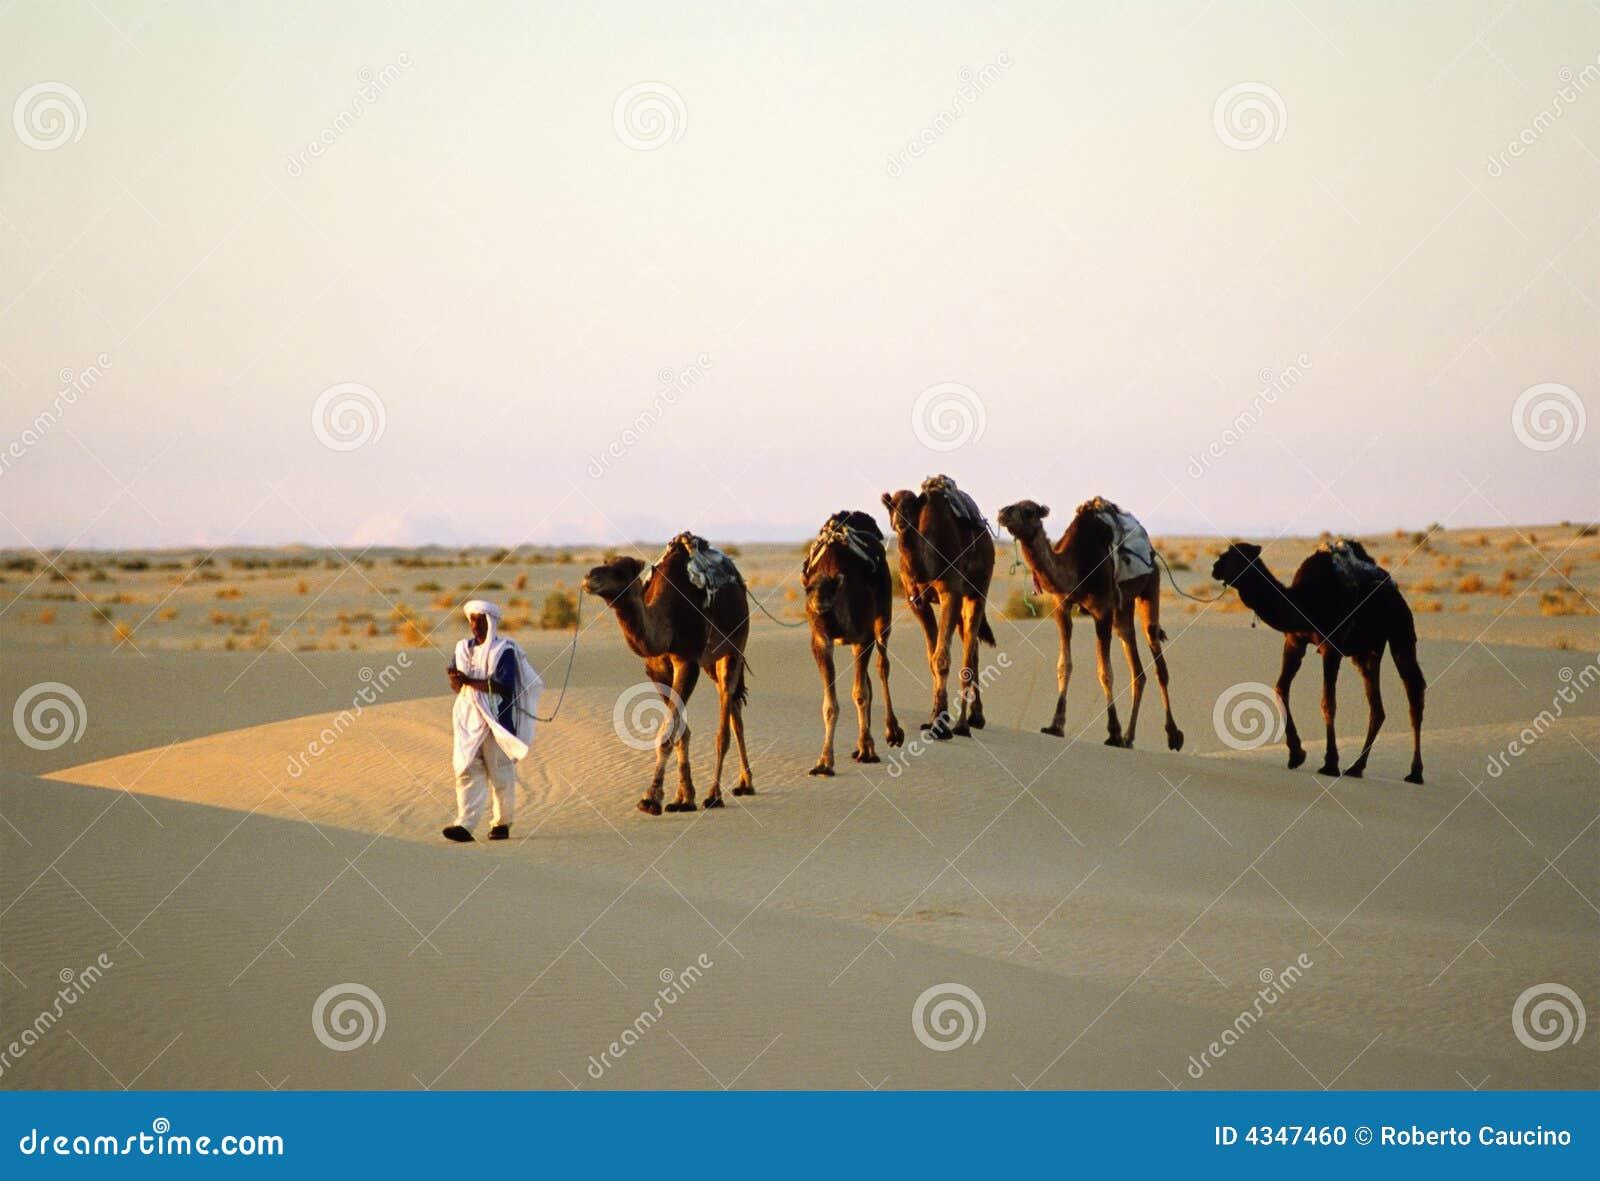 Train de chameaux